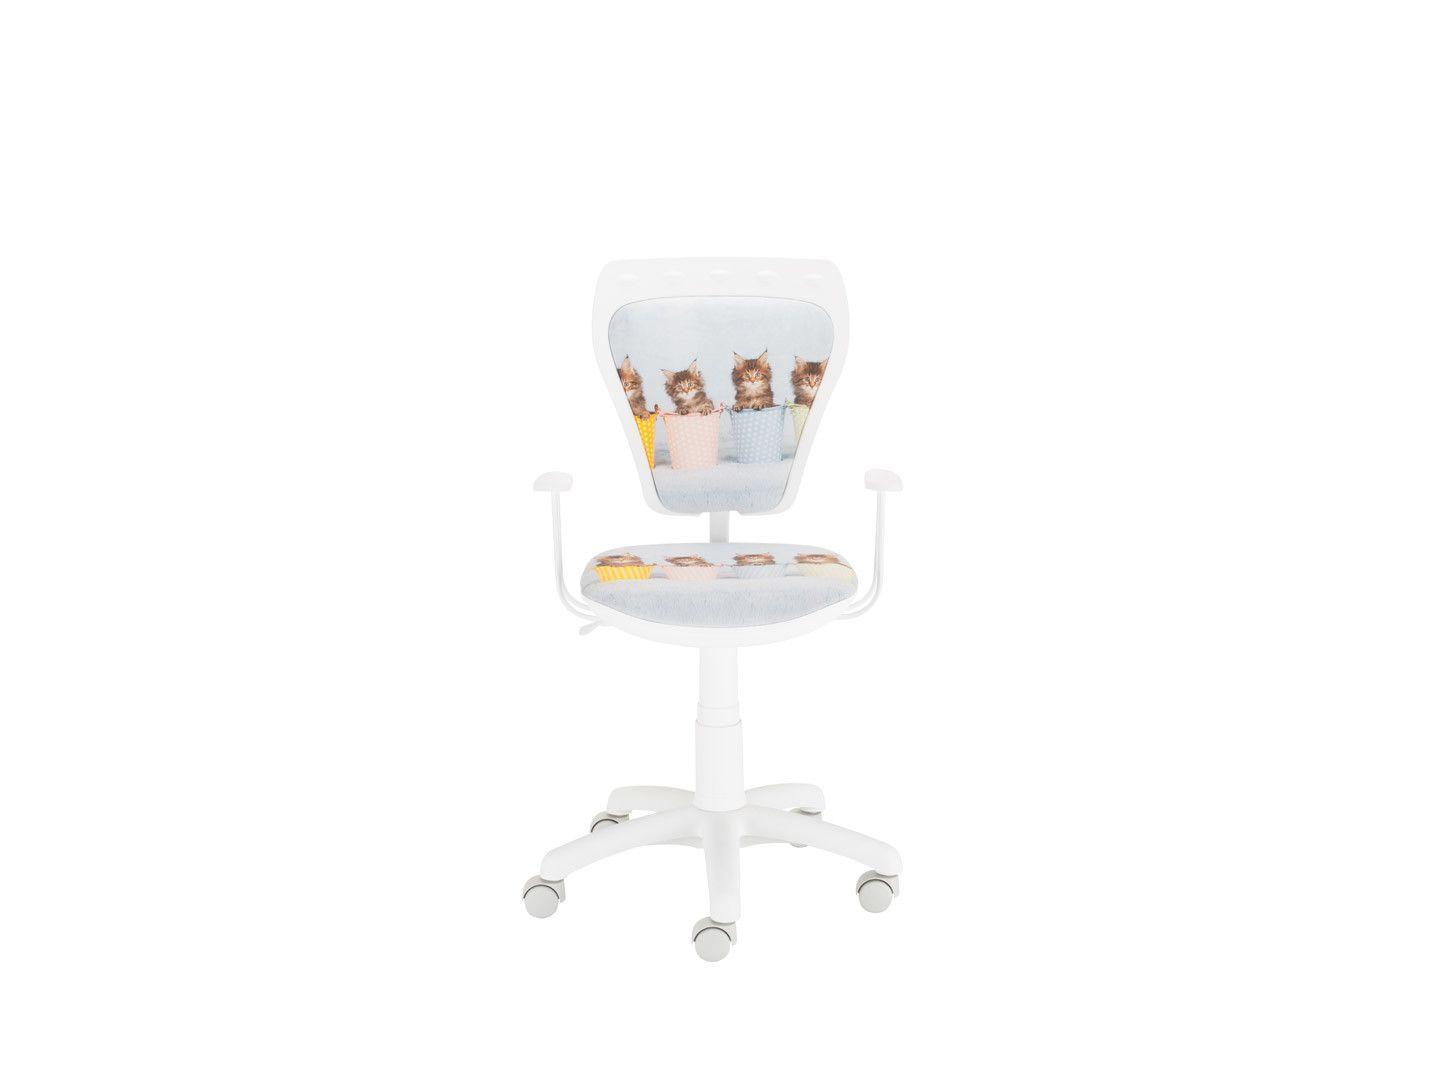 Krzesla I Taborety Do Kuchni Nowoczesne Biale Krzesla Do Kuchni Krzesla Drewniane Do Jadalni Allegro Tanie Krzesla Biurowe Home Decor Chair Office Chair